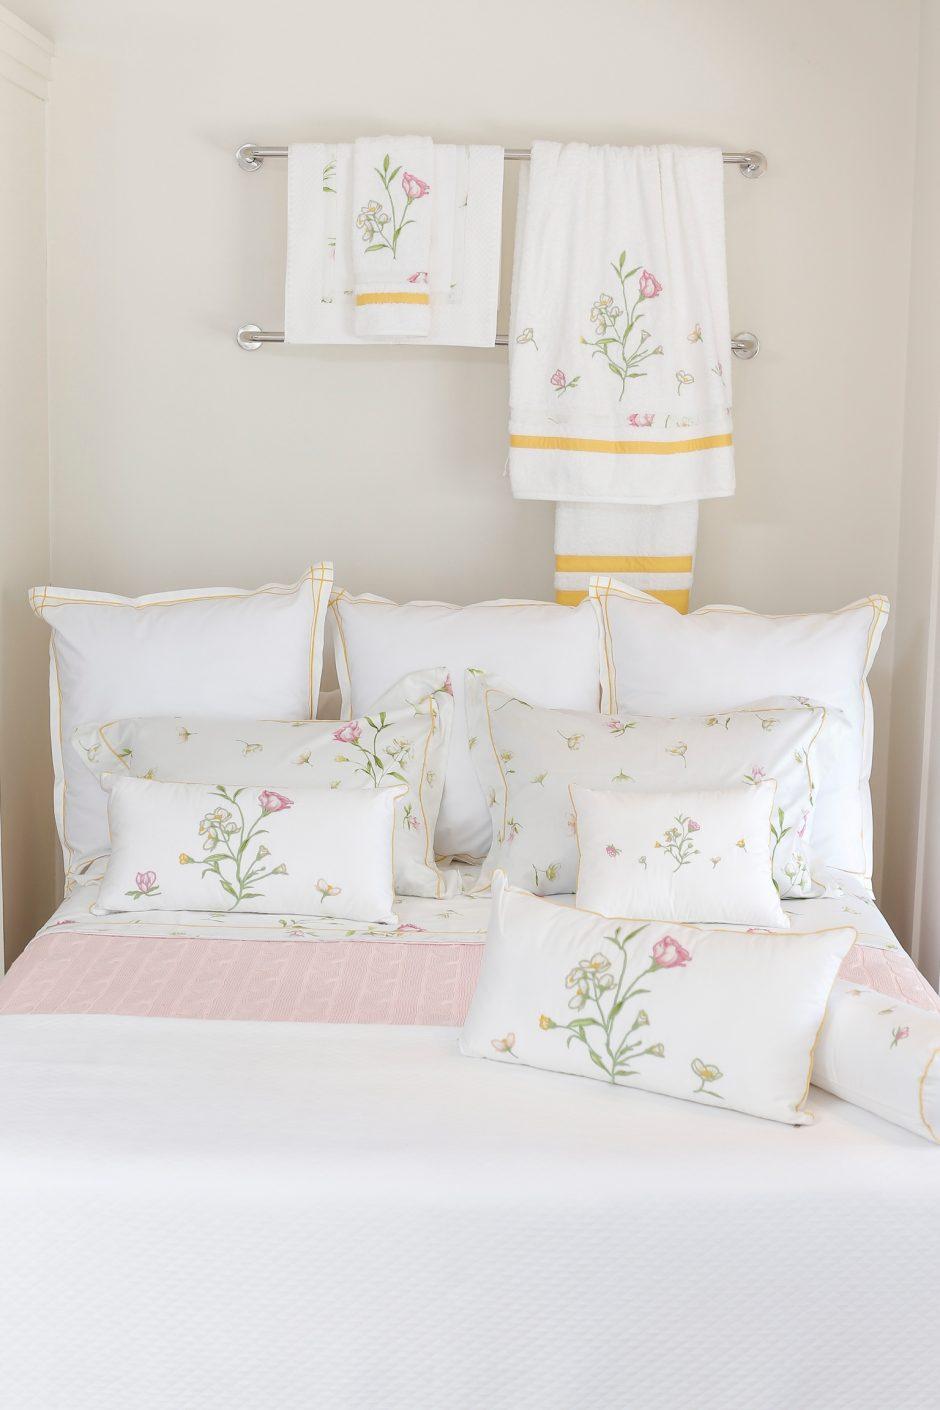 colecao de roupa de cama e banho da Valencien